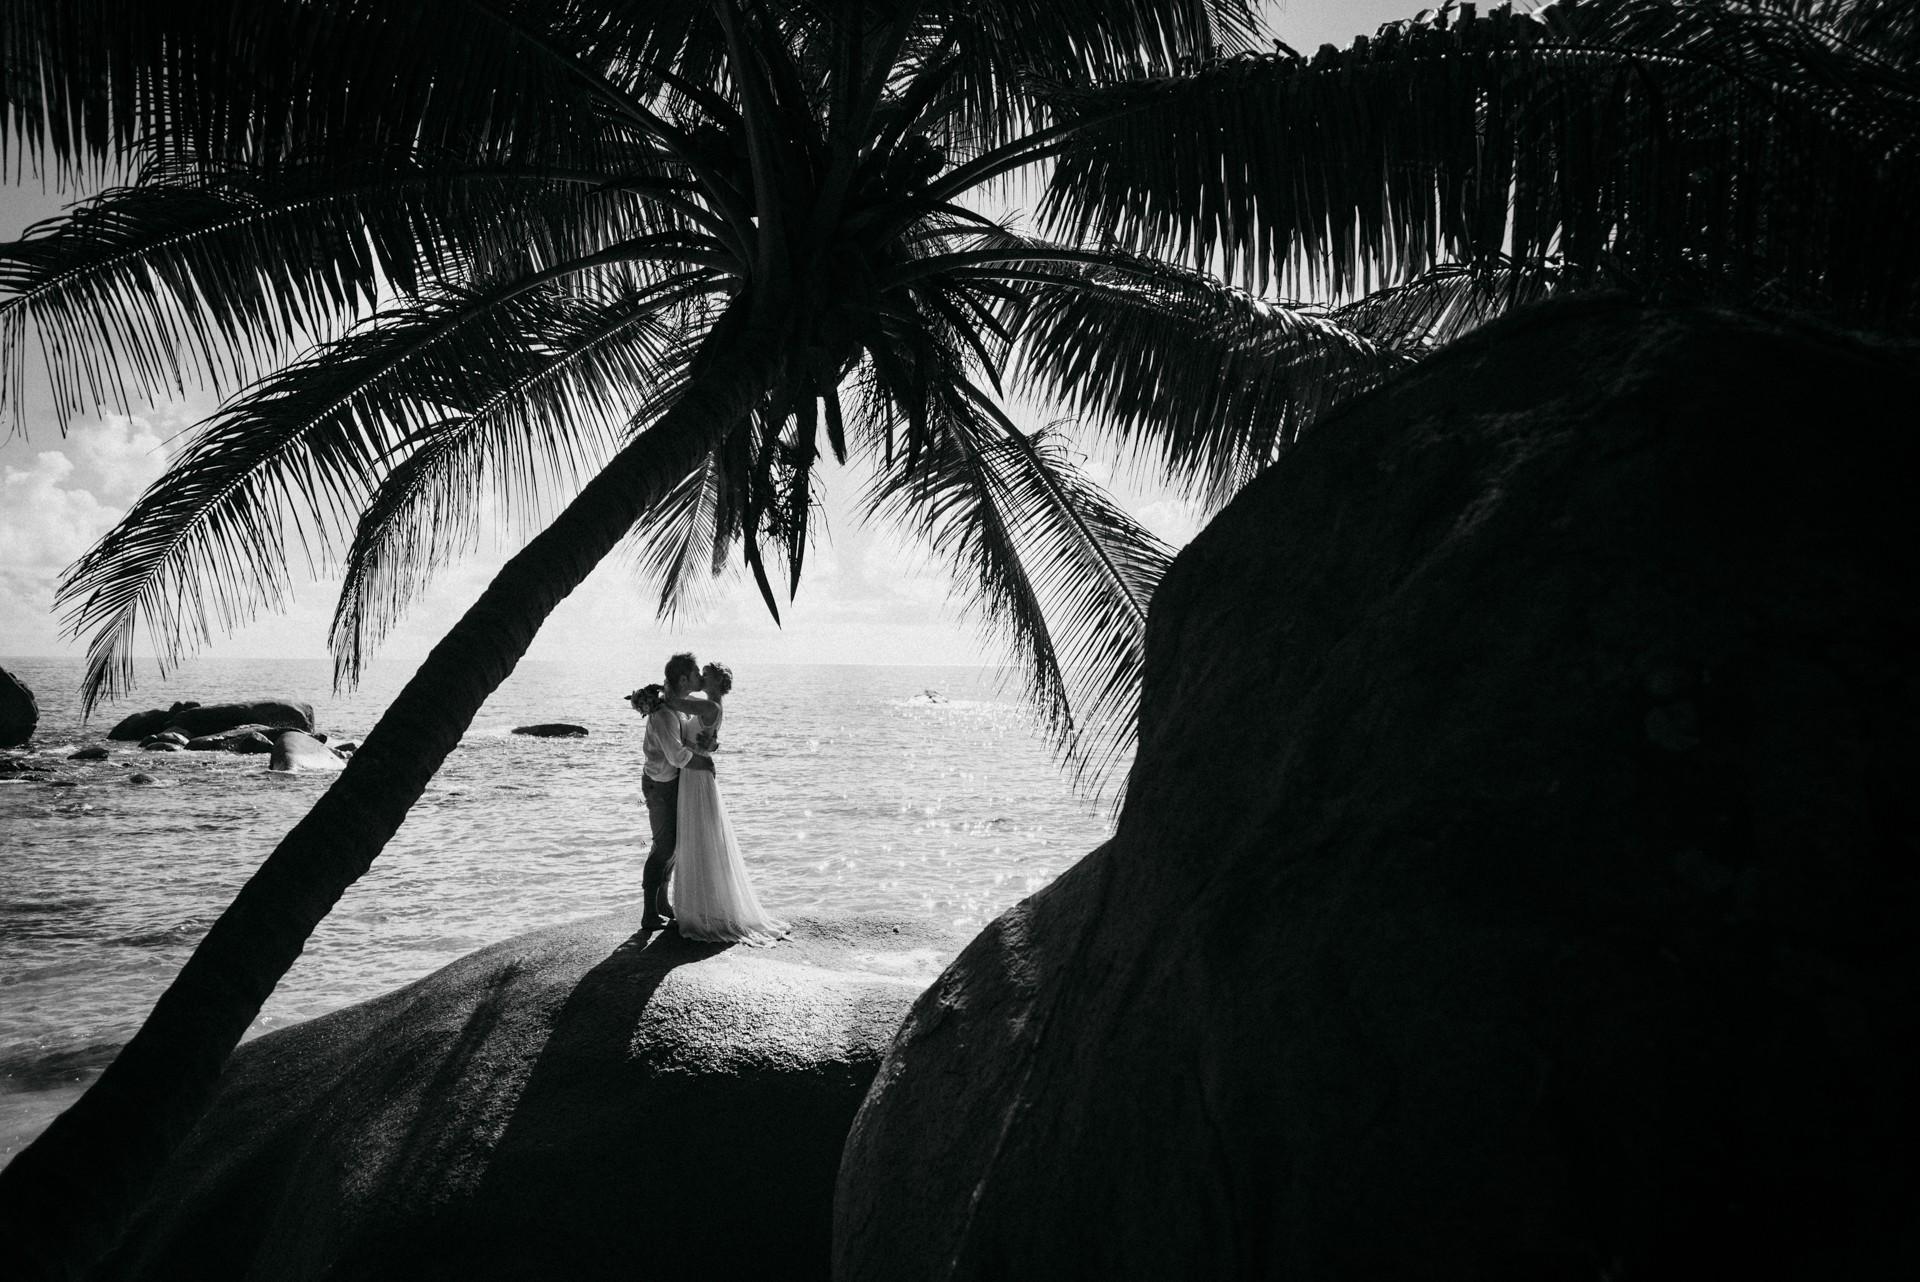 hochzeitsfotos-bkm-seychellen-sw